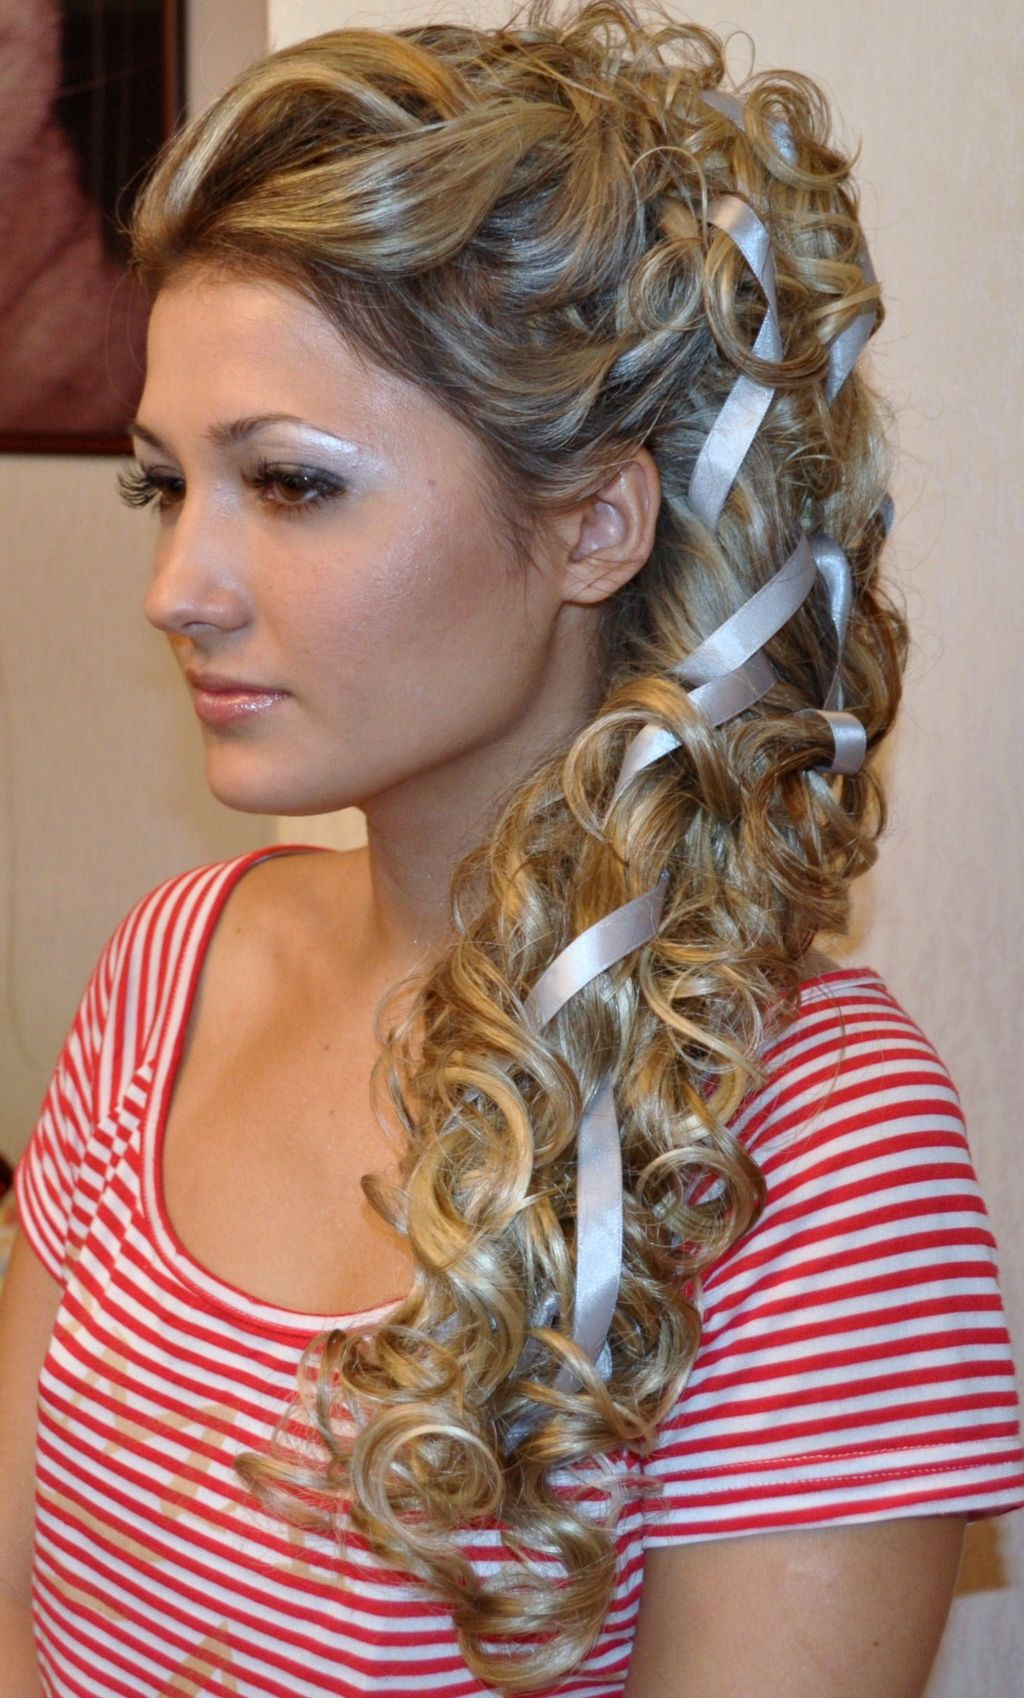 Orta saçlı Yunan tarzında saç stili